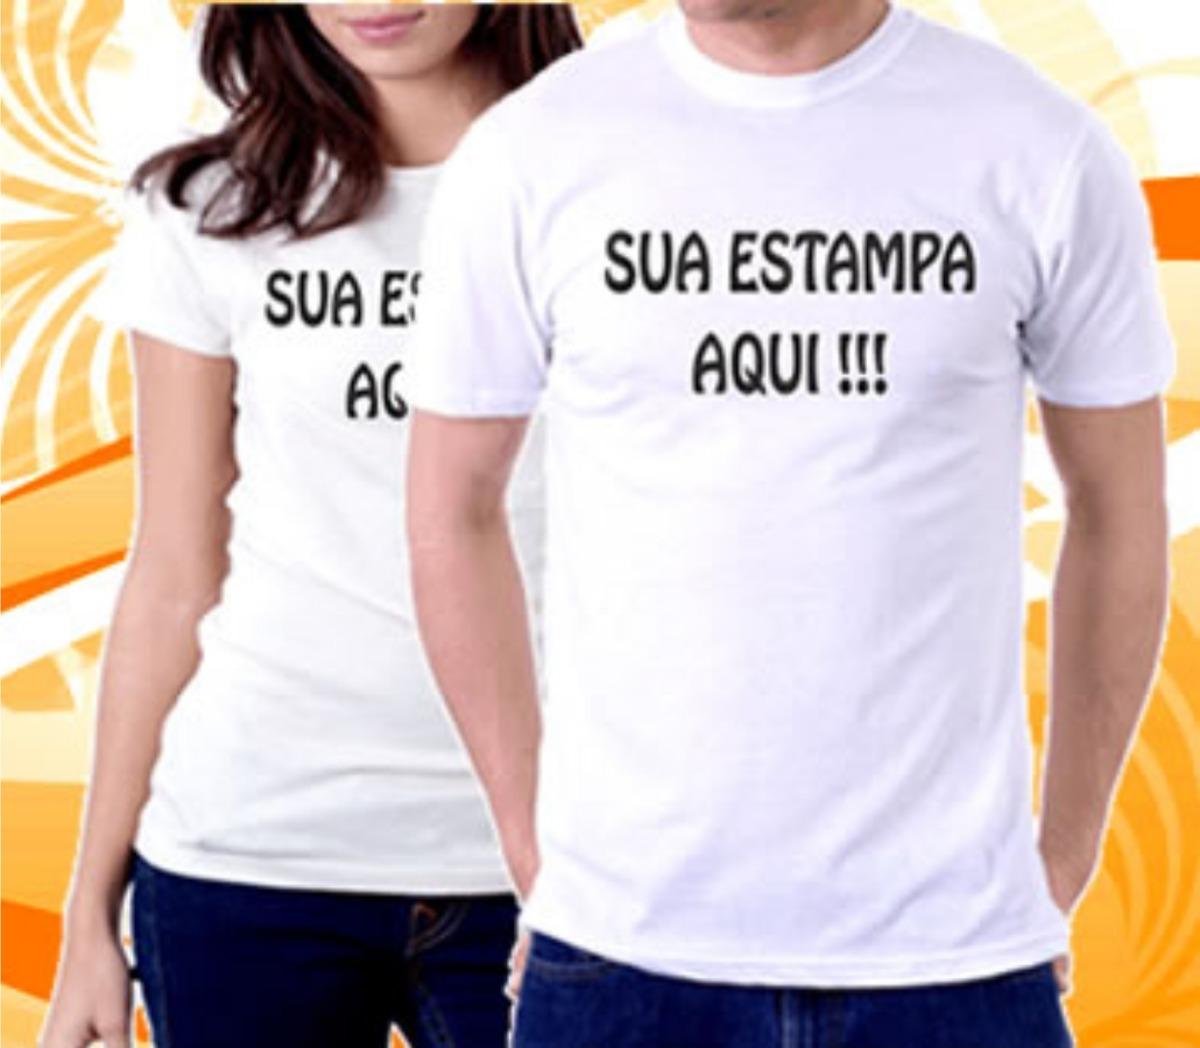 camisetas personalizadas camisa estampa tamanho a4 faça aqui. Carregando  zoom. 79d82d74f947f